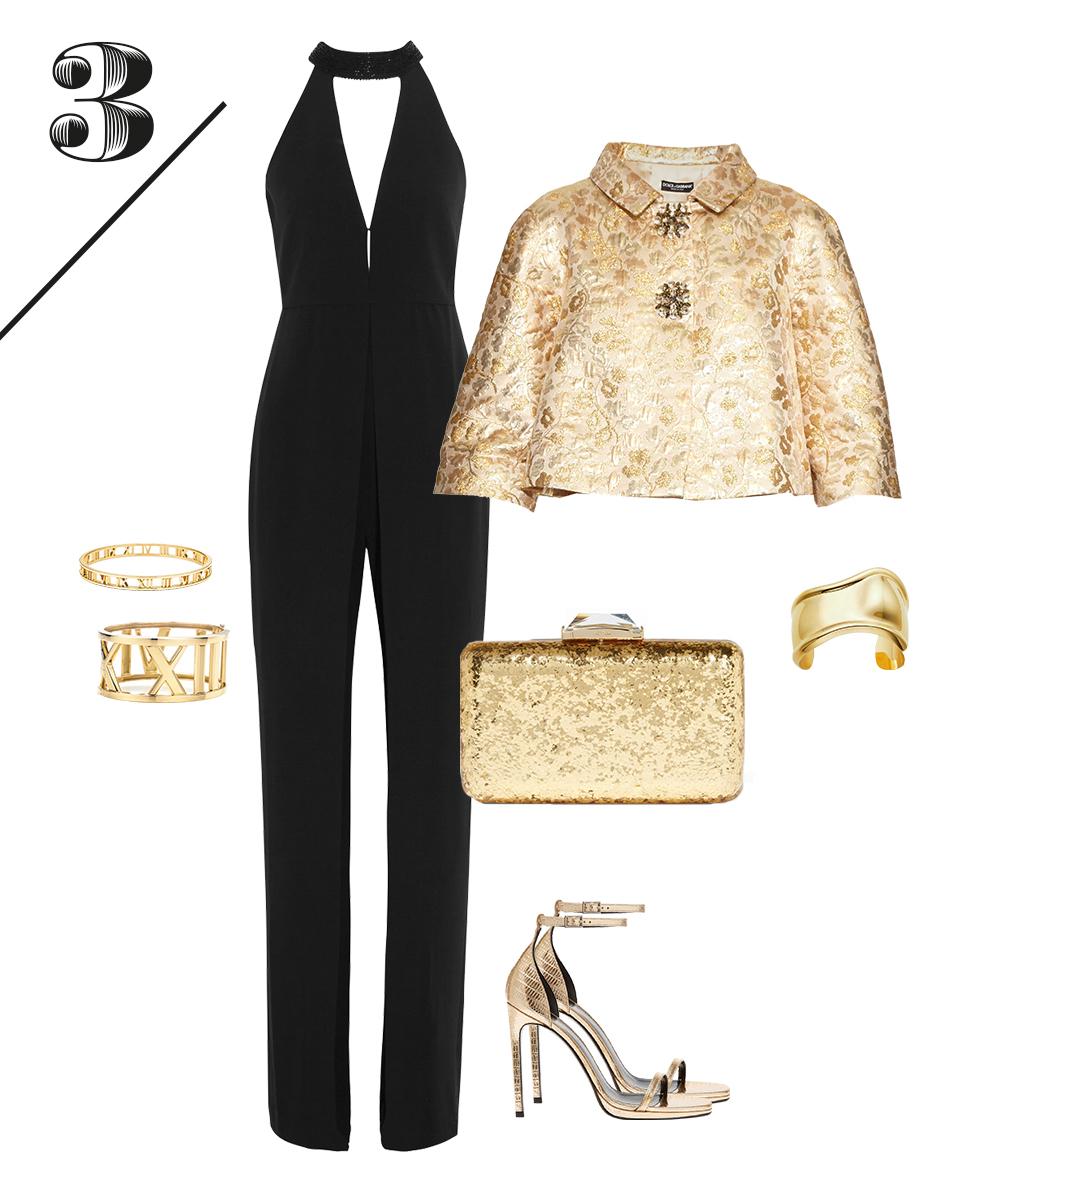 Комбинезон Halston Heritage | Жакет Dolce&Gabbana | Босоножки Saint Laurent | Клатч Kotur | Золотые браслеты Tiffany&Co.